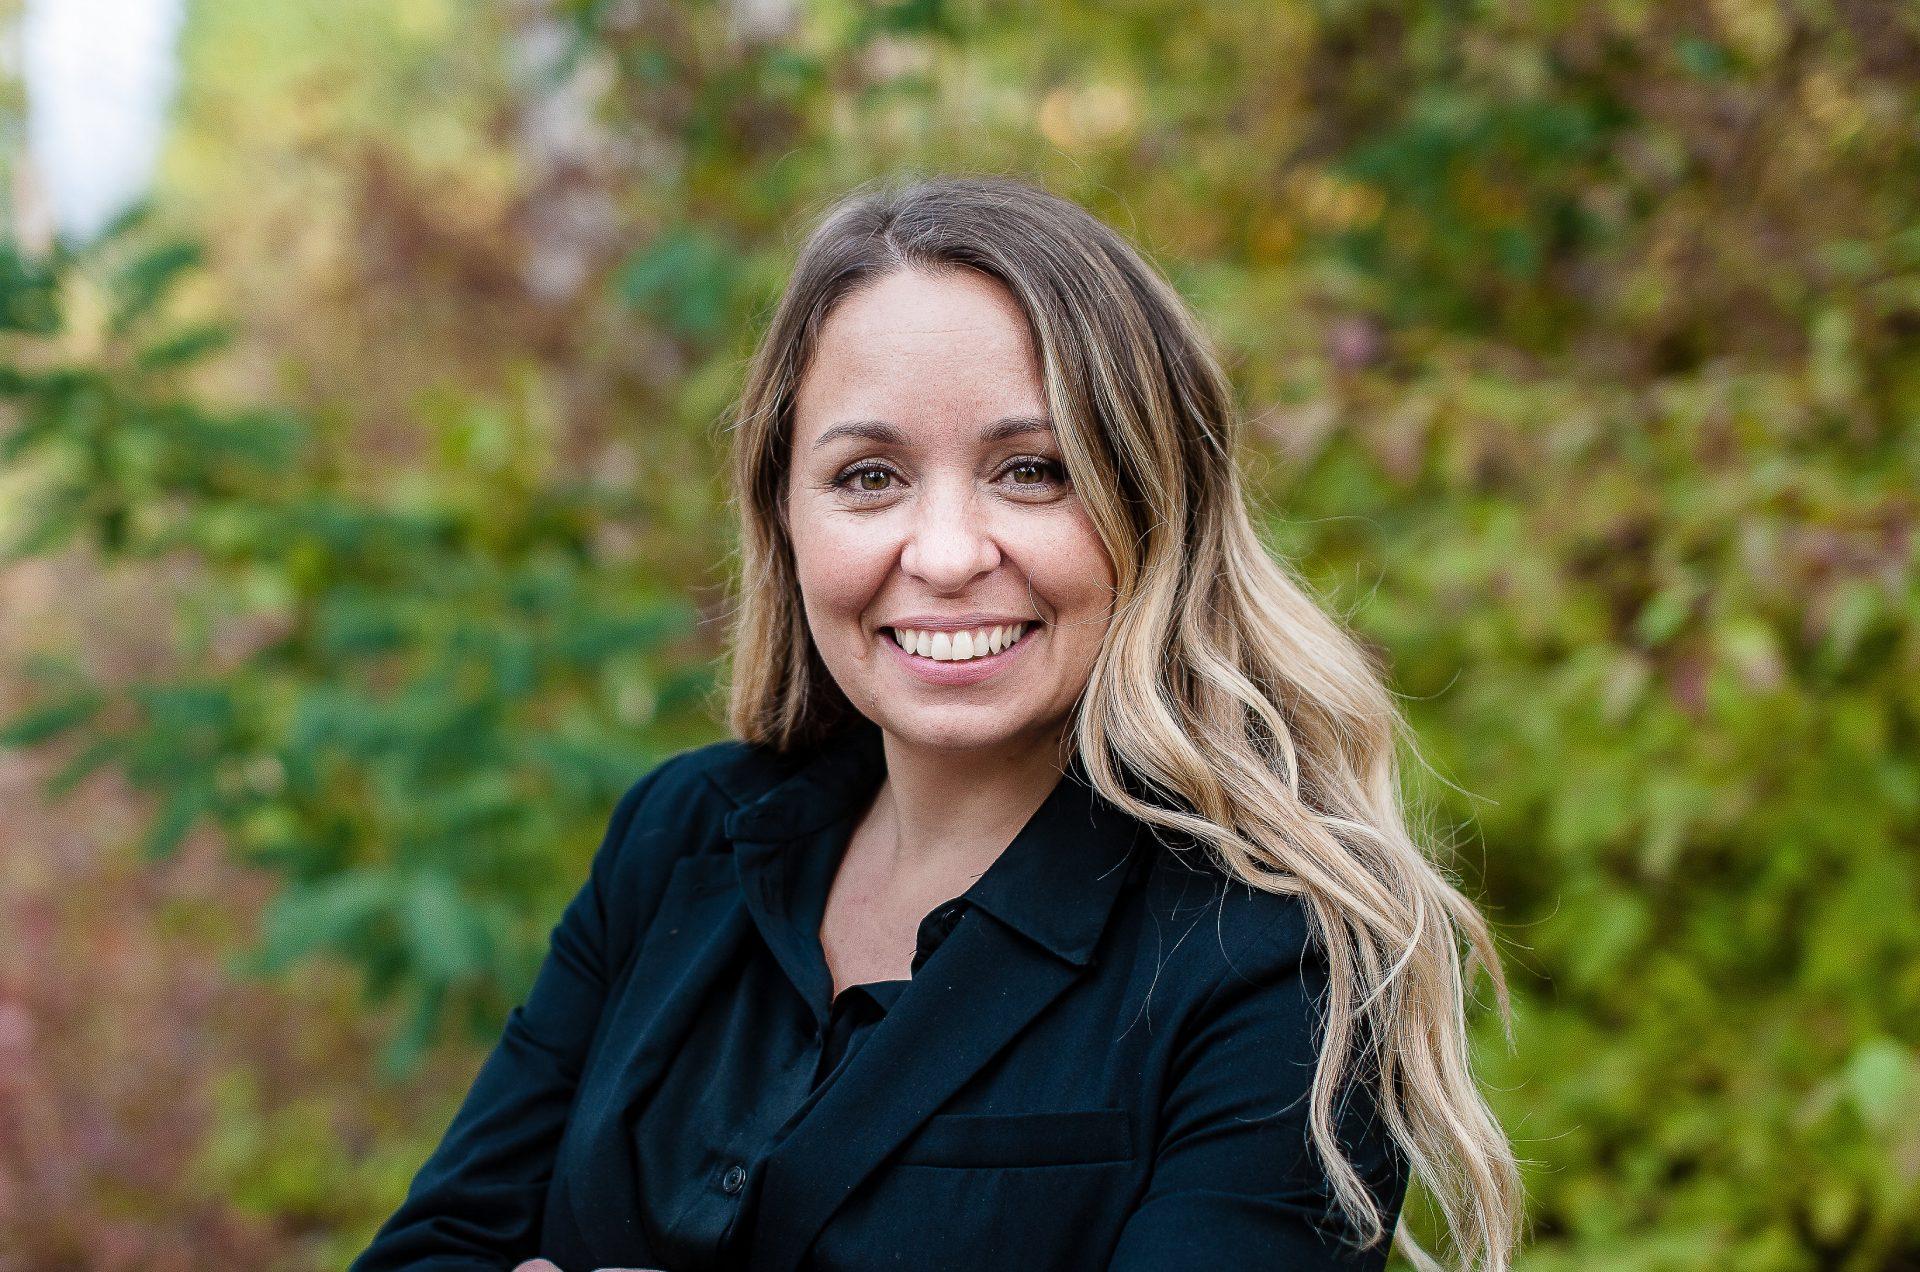 Erin Steele